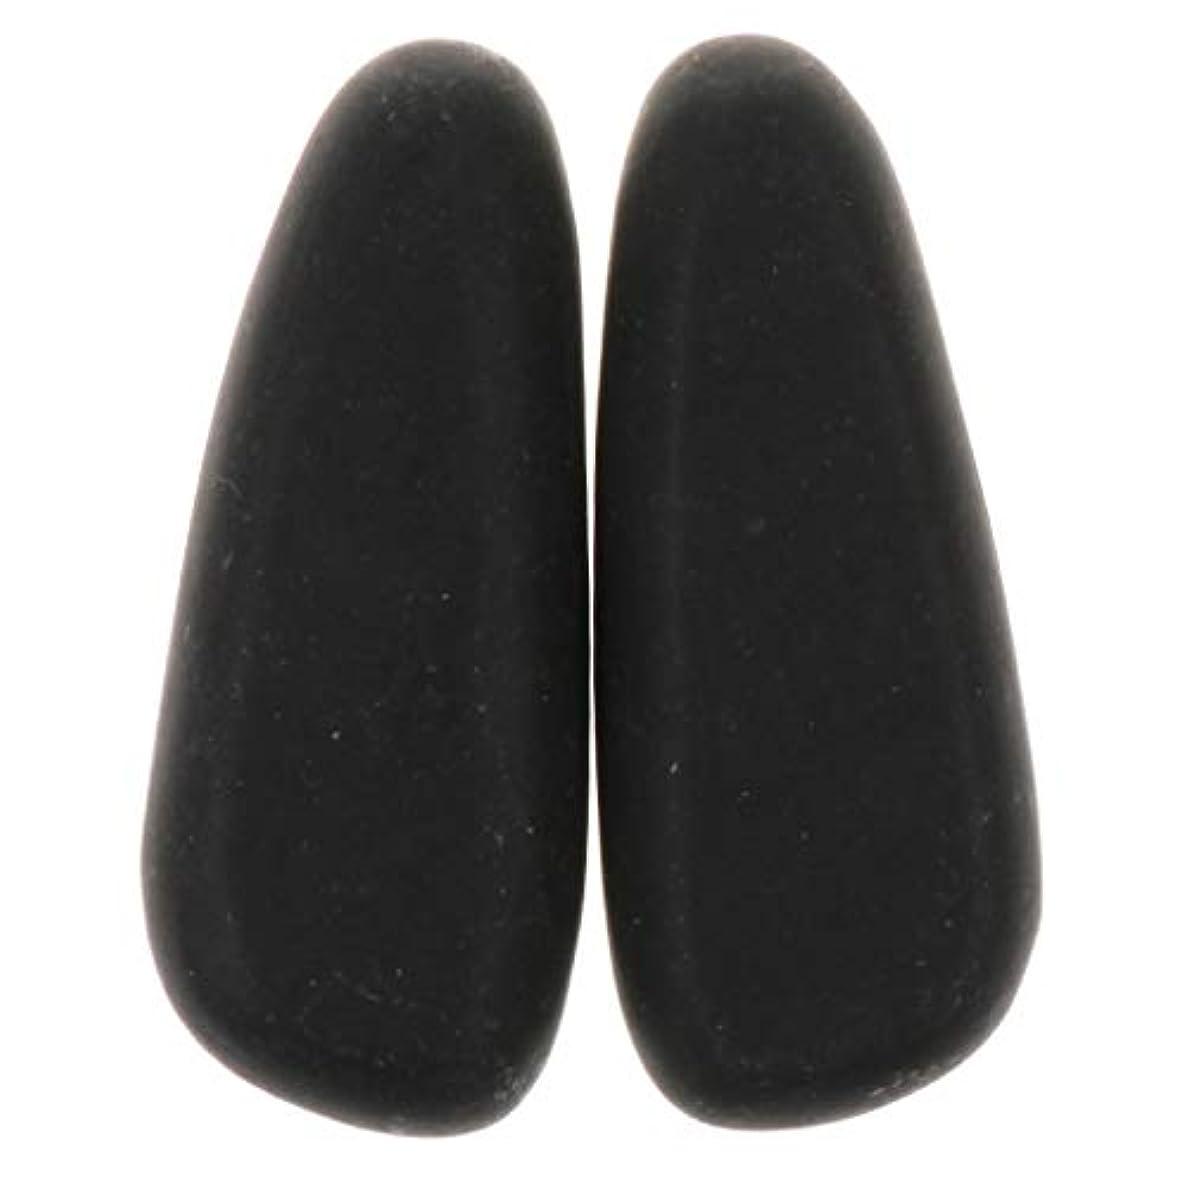 基礎状態標準P Prettyia マッサージストーン マッサージ石 天然石ホットストーン マッサージ用玄武岩 ツボ押し SPA 2個 全2サイズ - 8×3.2×2cm